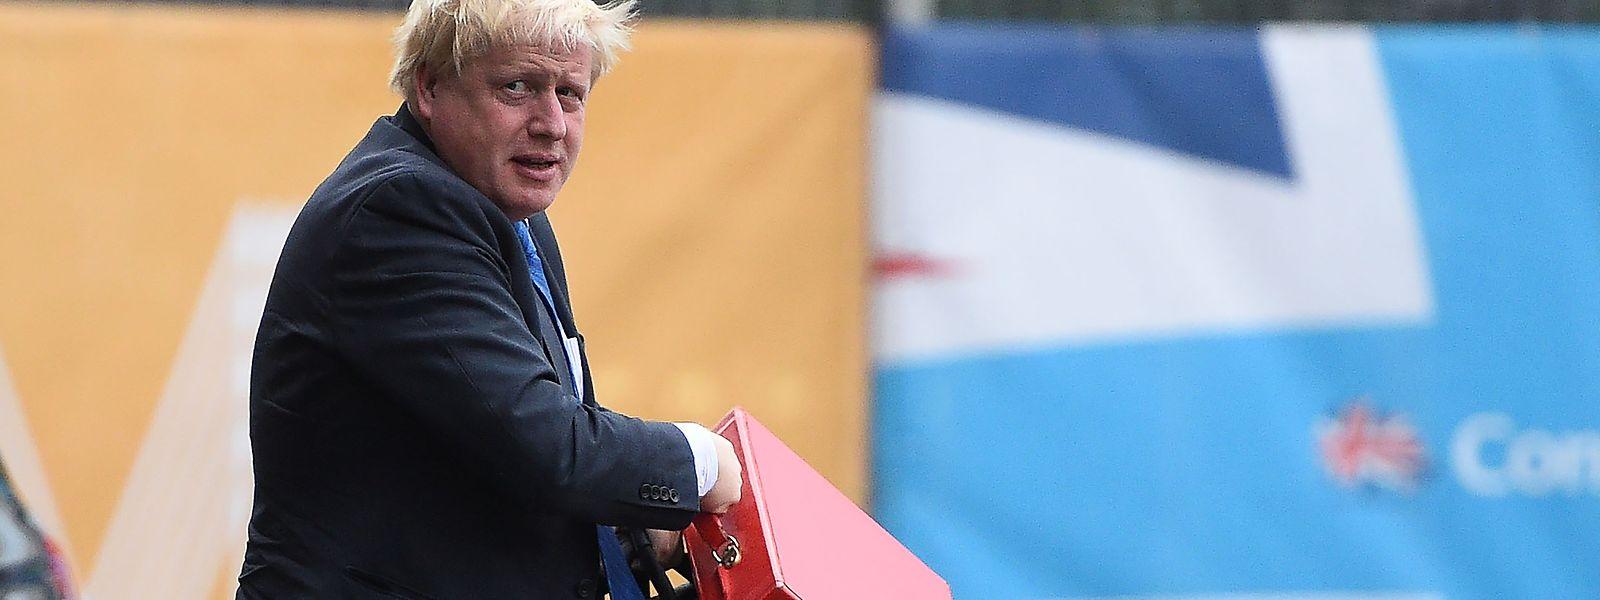 Boris Johnson ist - erstmal - raus aus der britischen Regierung.